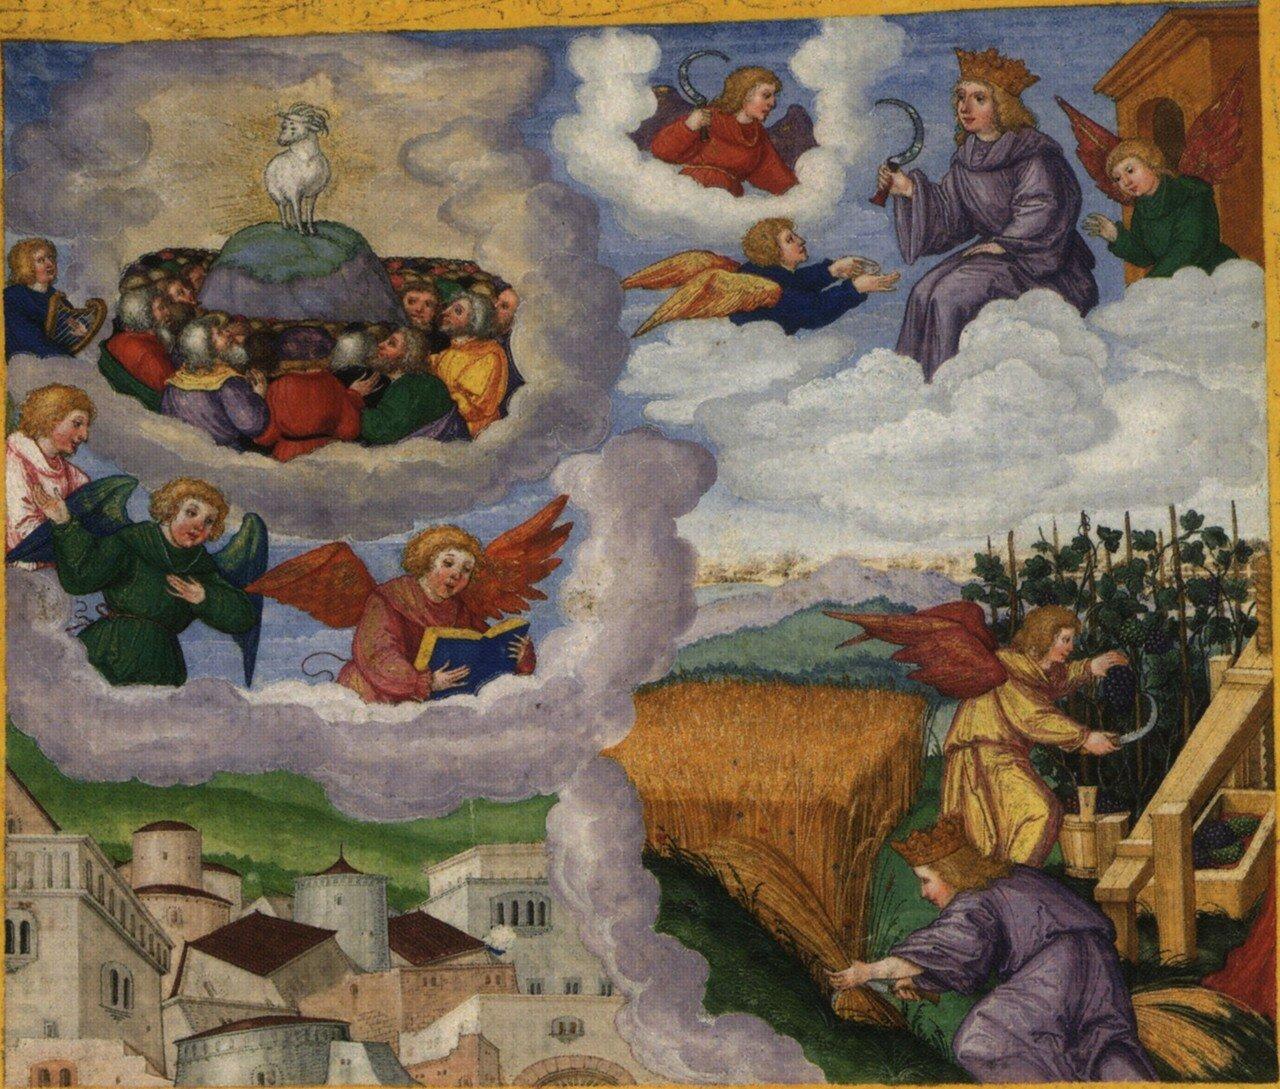 Ottheinrich_Folio297v_Rev14.jpg